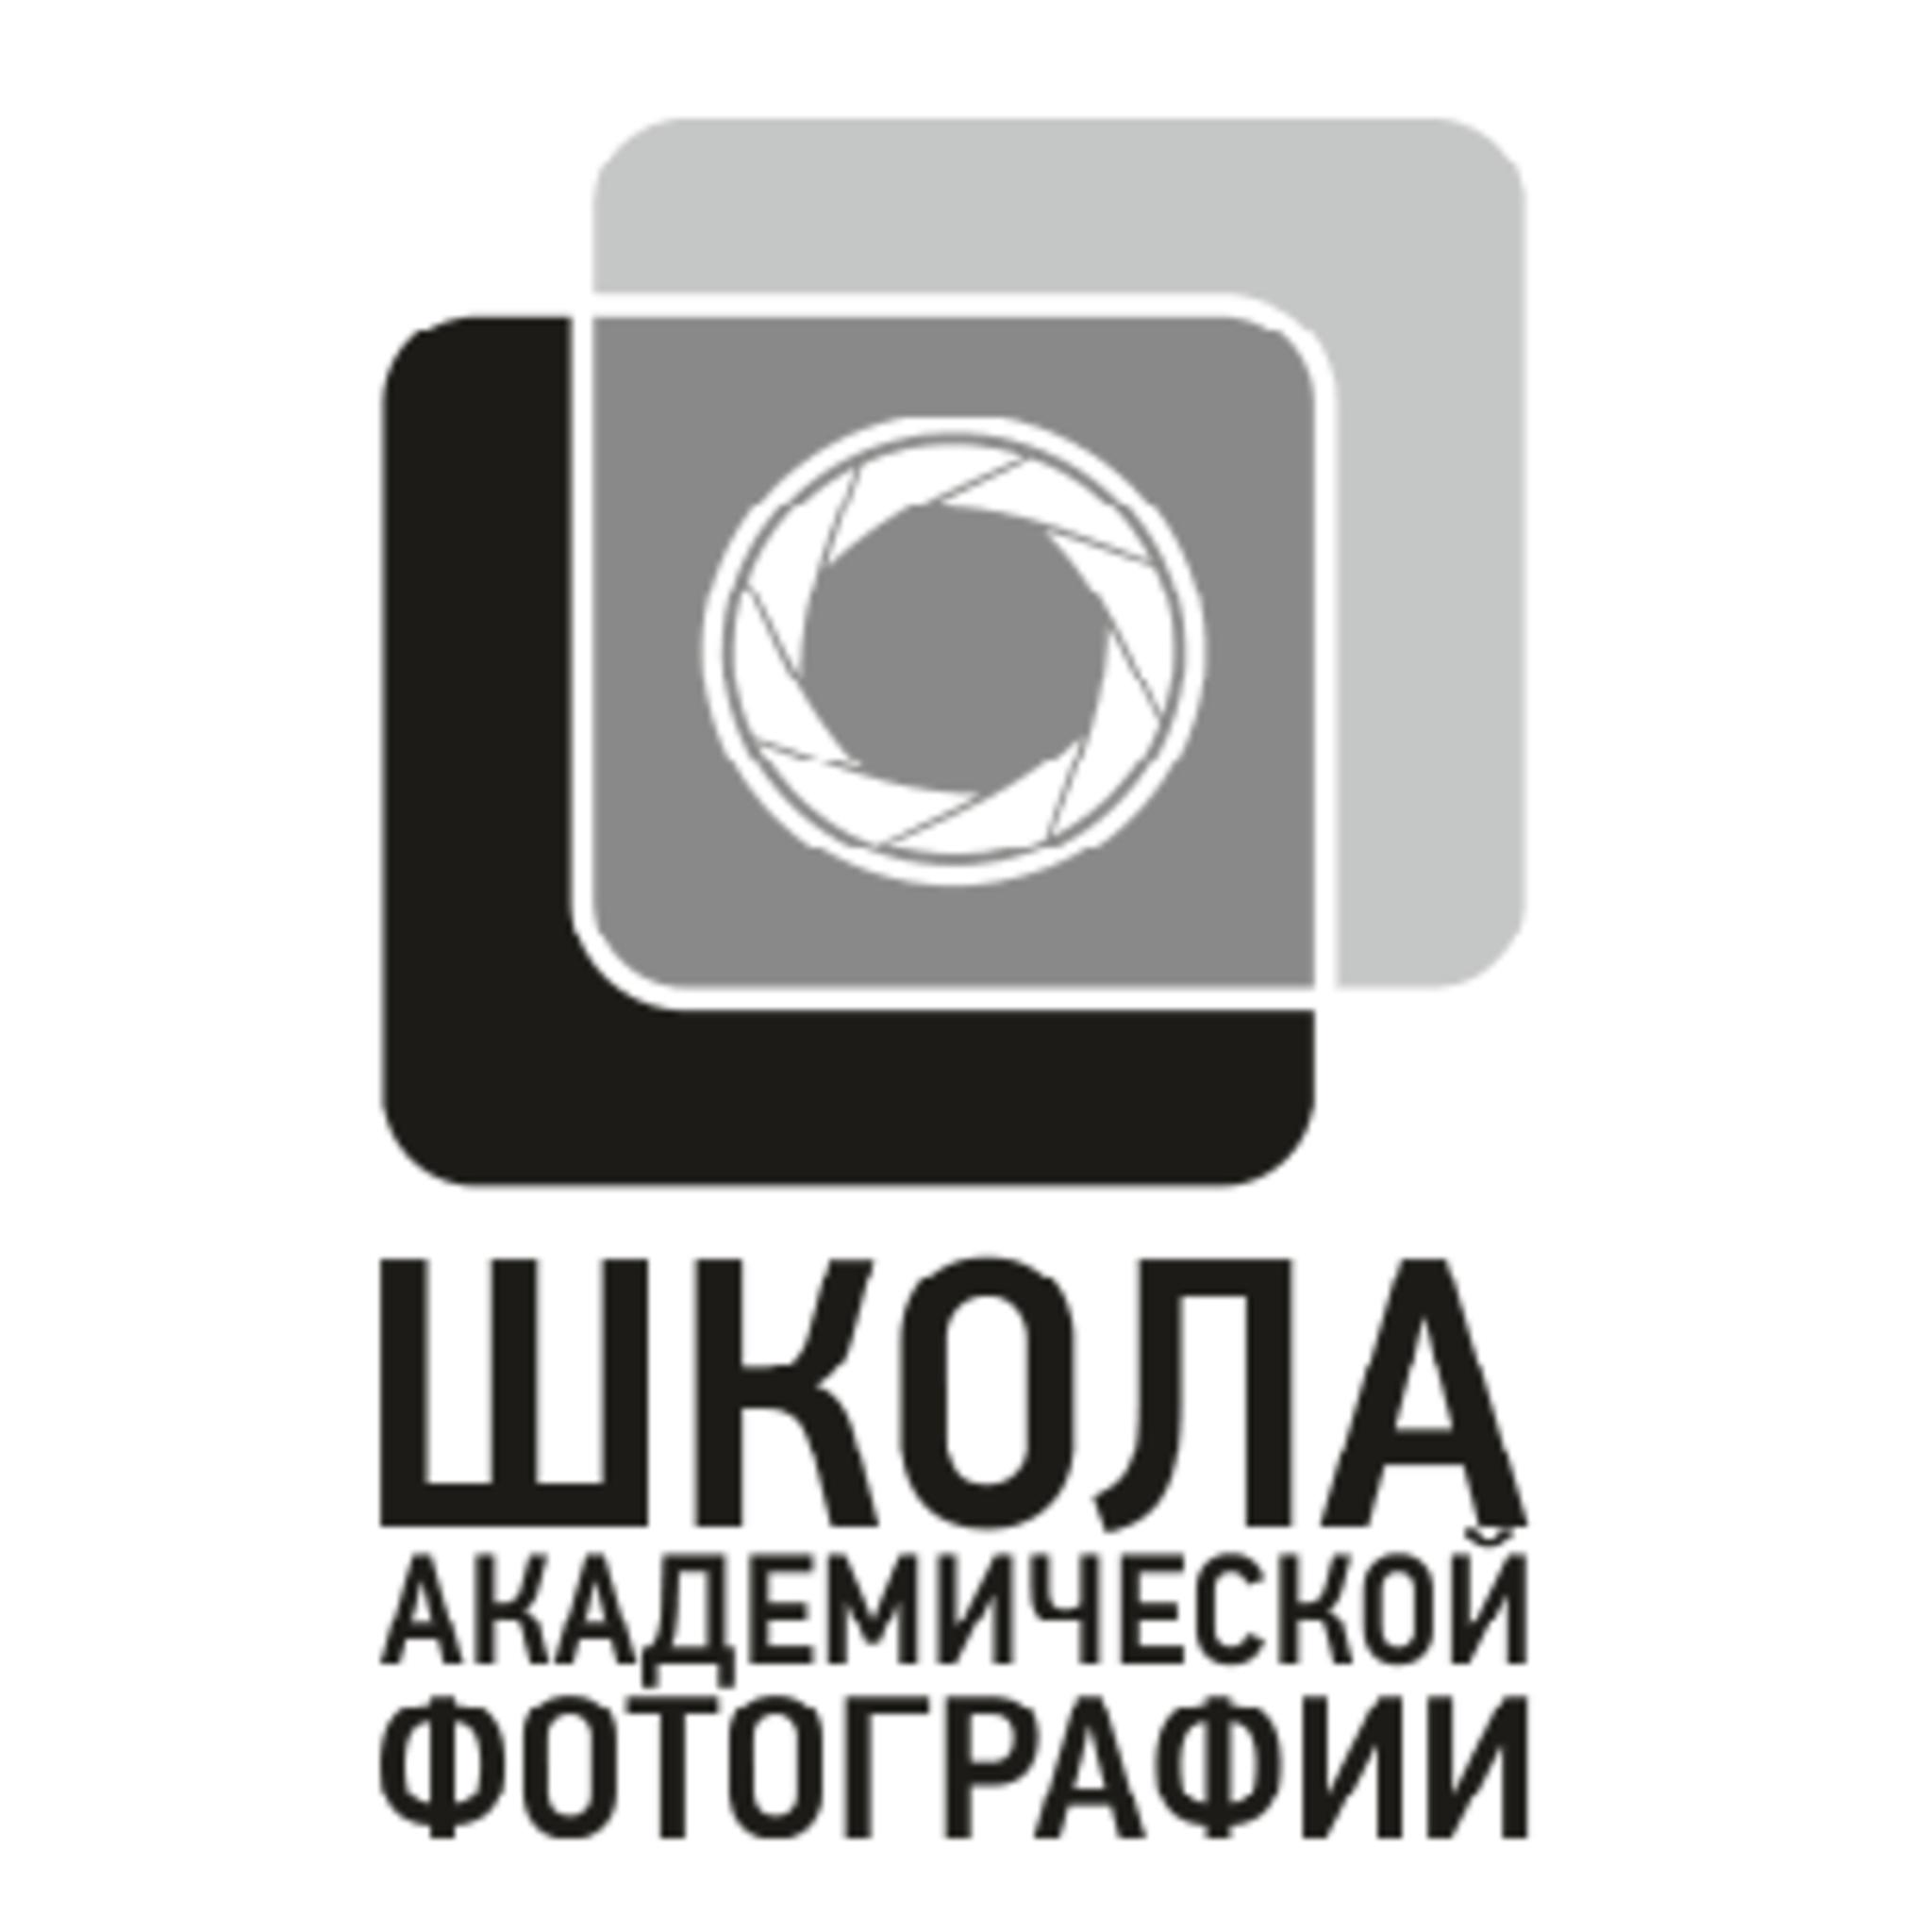 The school of academic photos